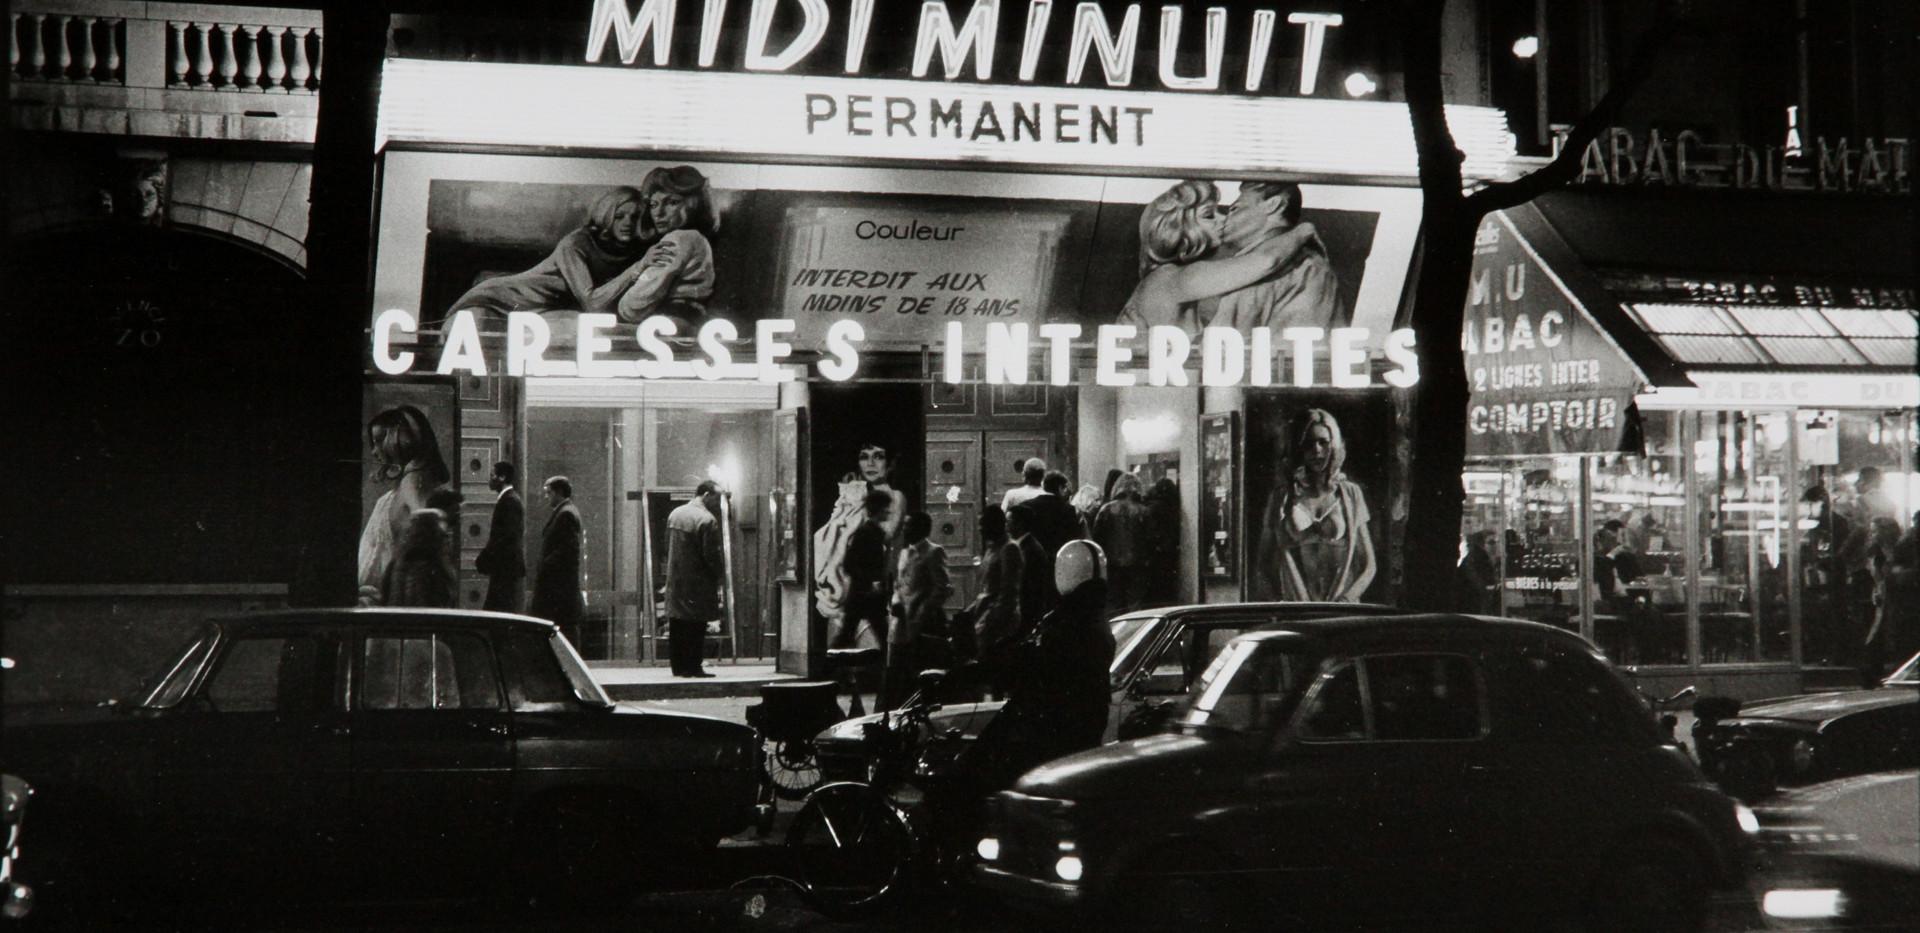 Michel Ginès - Midi Minuit 1972.JPG